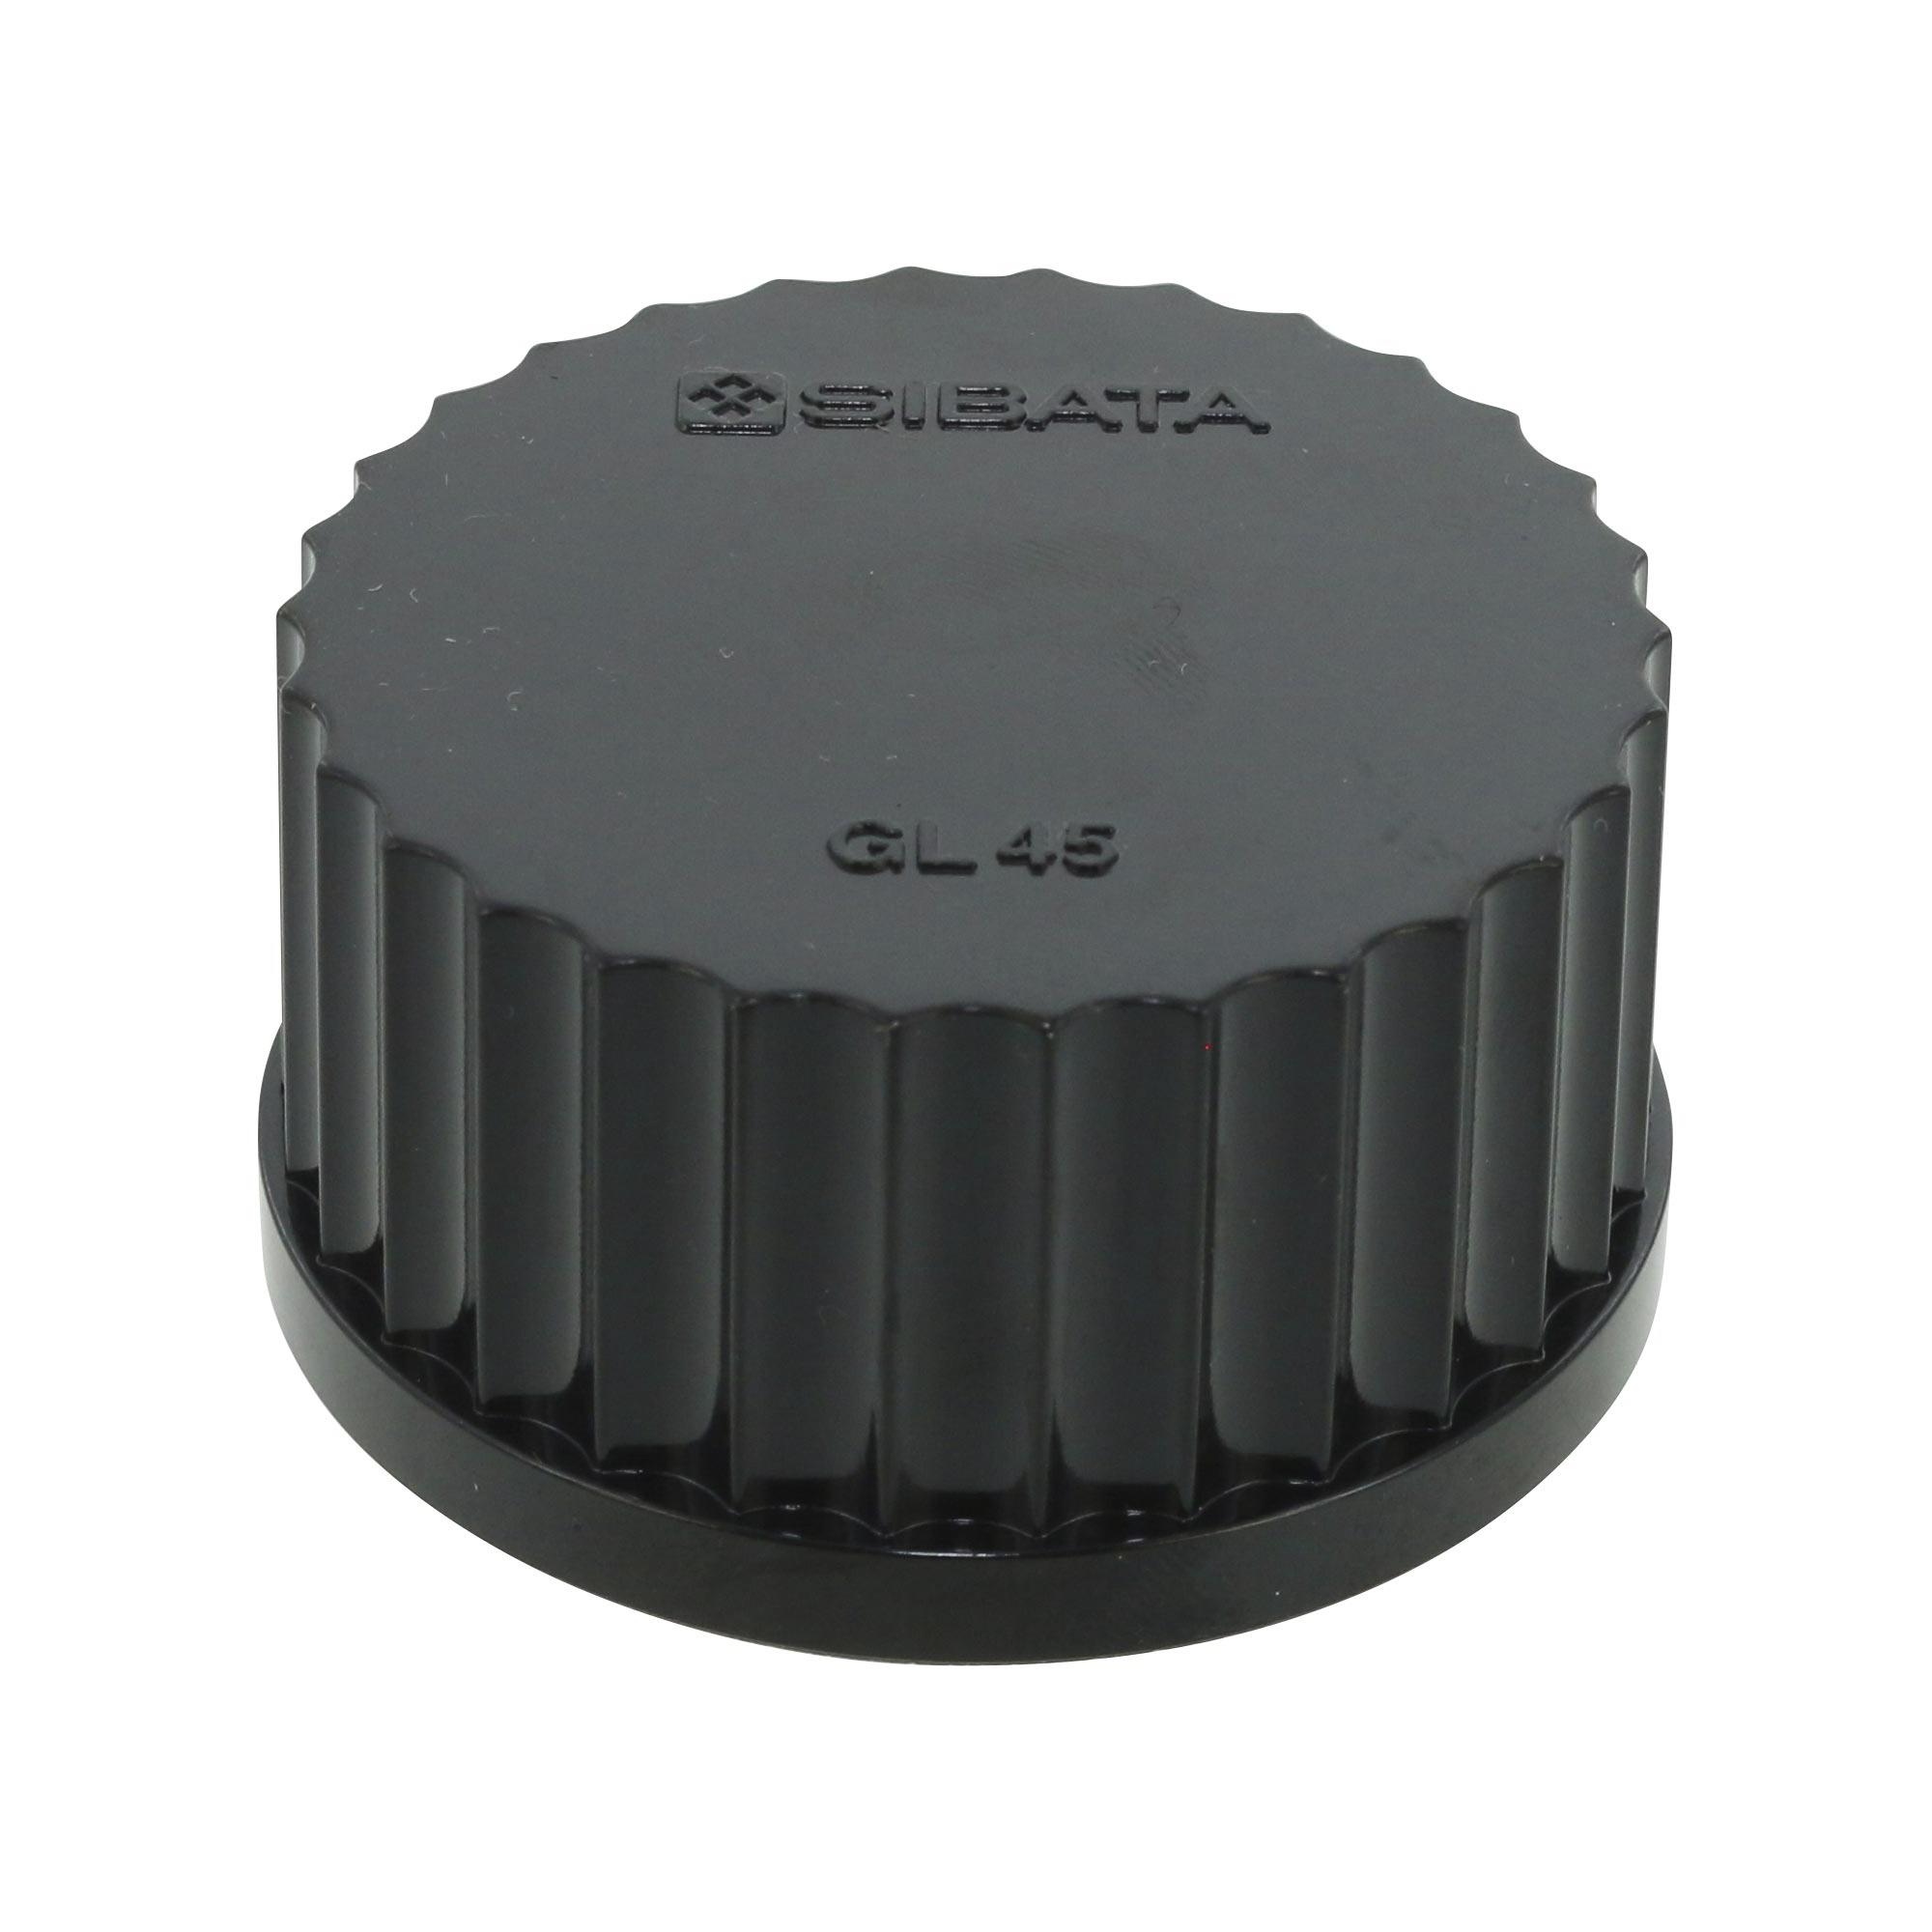 017200-450A ねじ口びん黒キャップ GL-45(10個) 柴田科学(SIBATA)